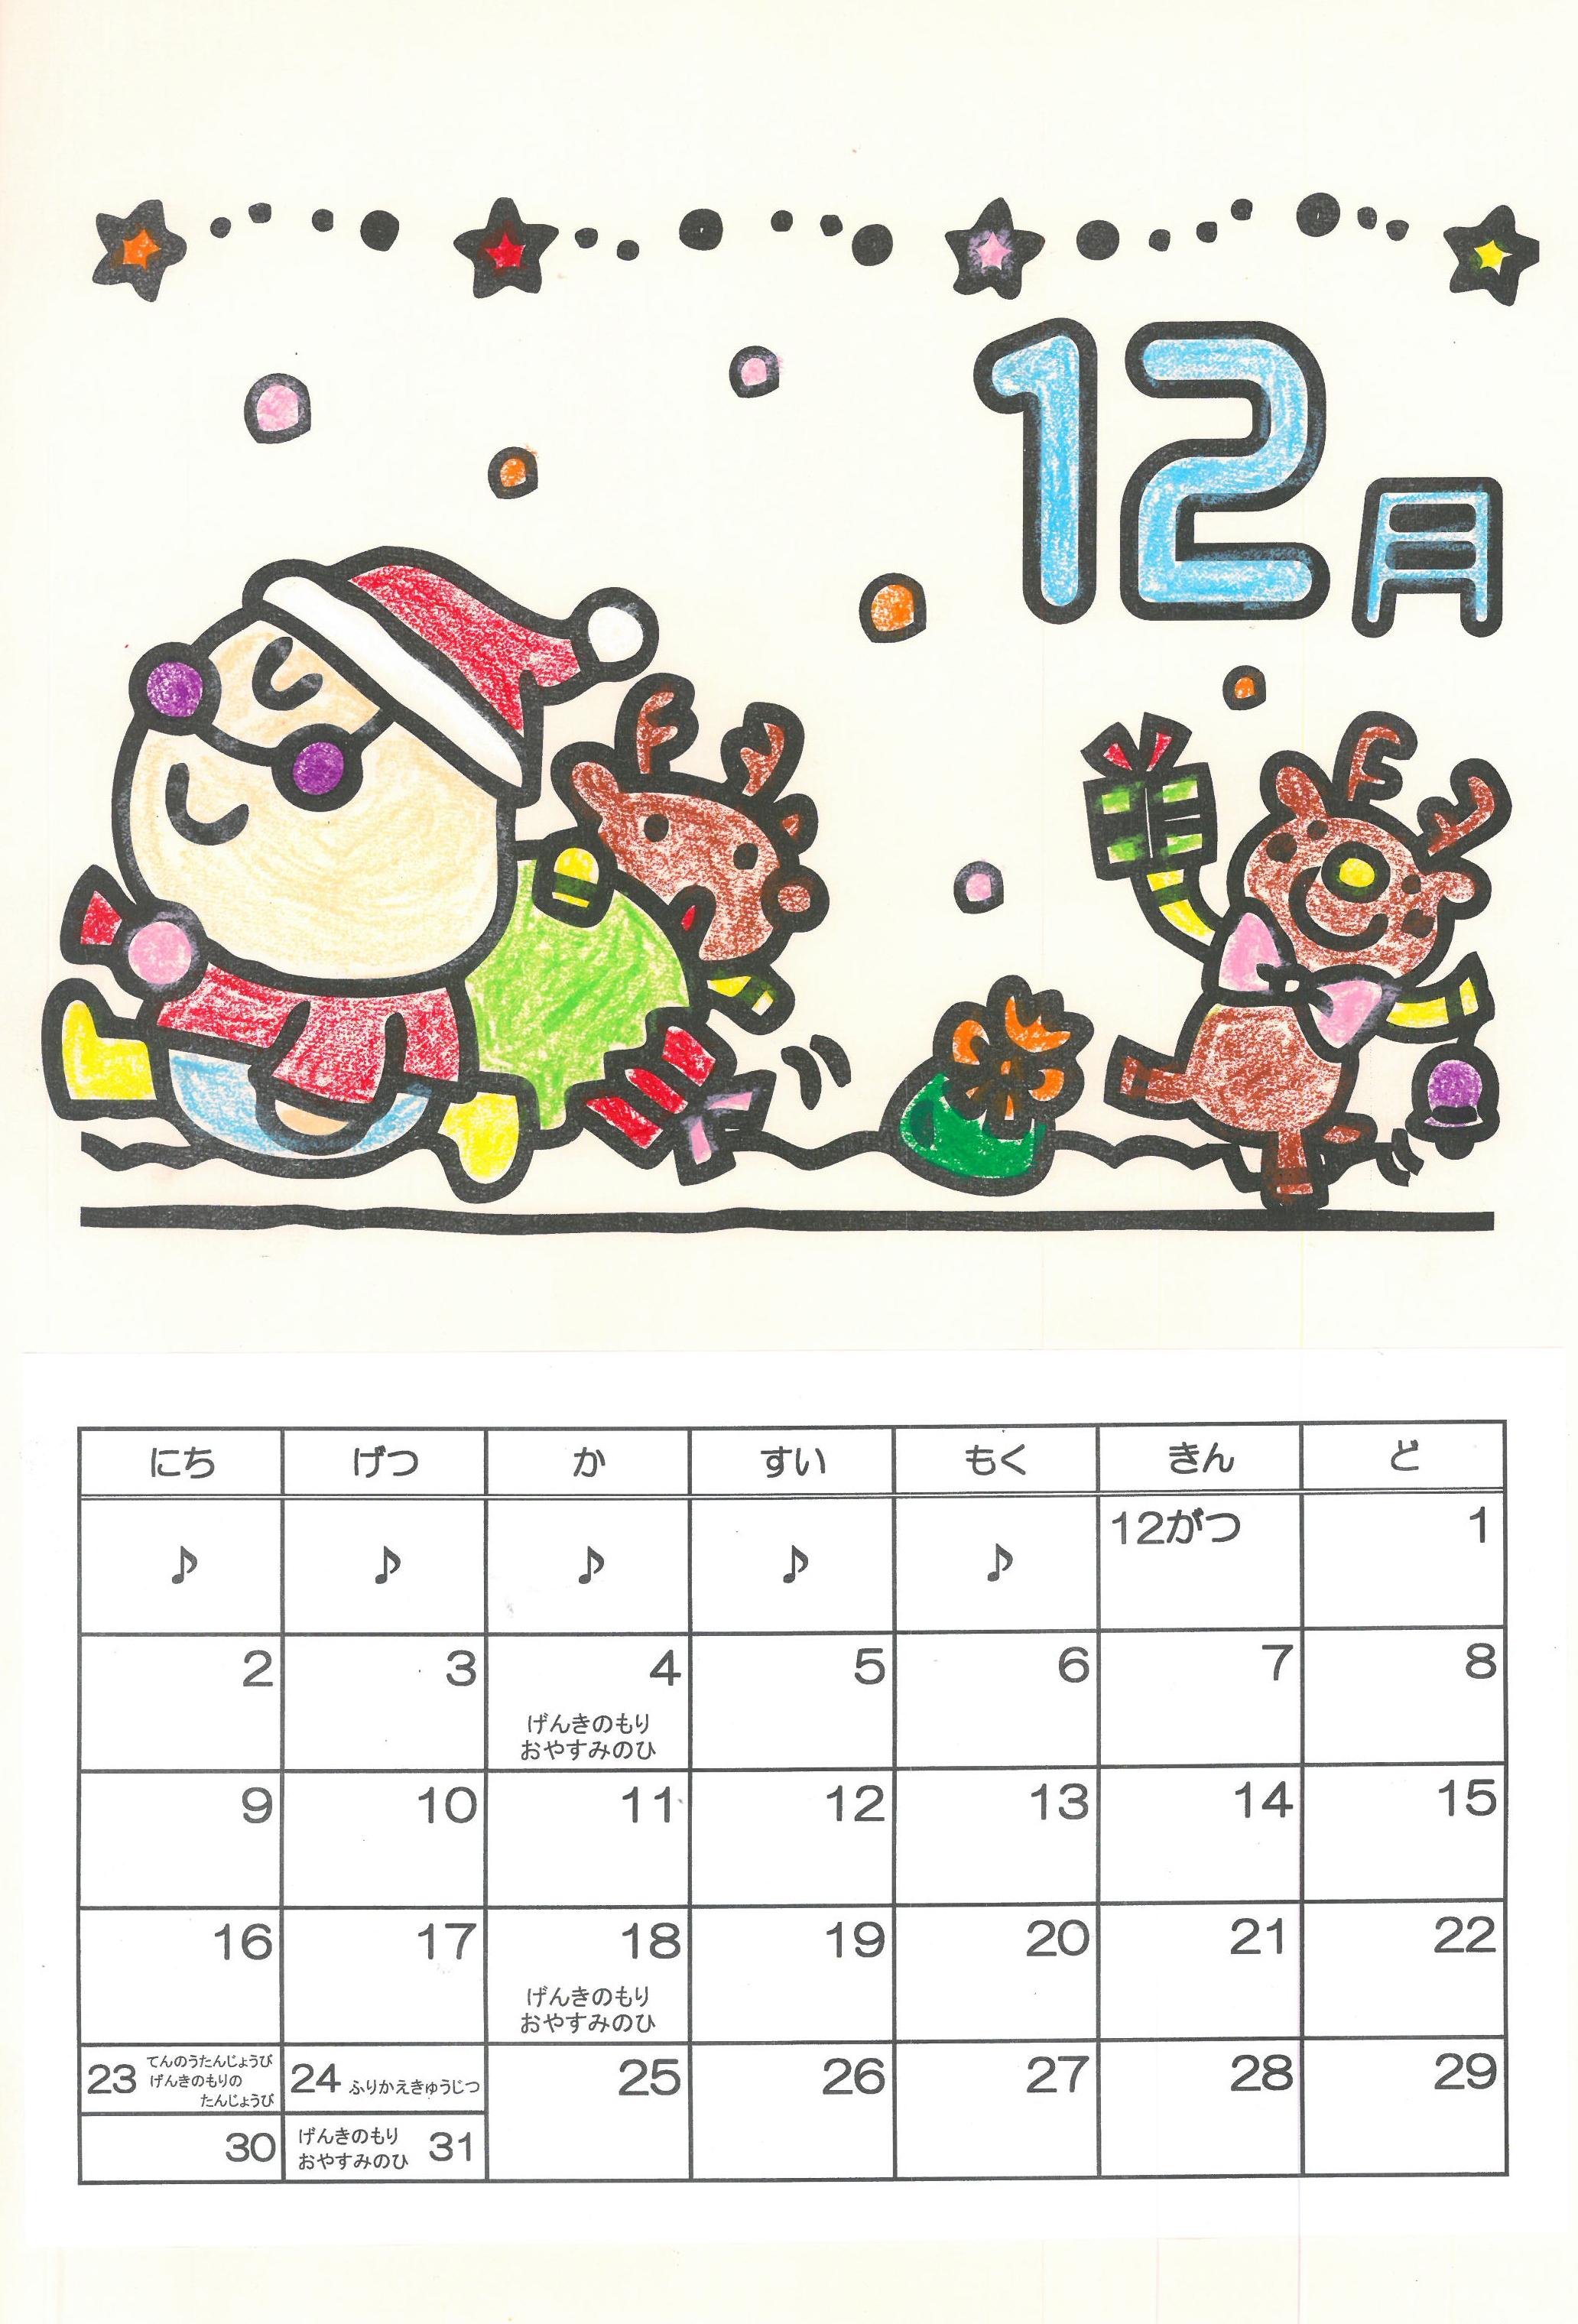 創作ぬりえカレンダー12月のカレンダーをつくろう 北九州市立